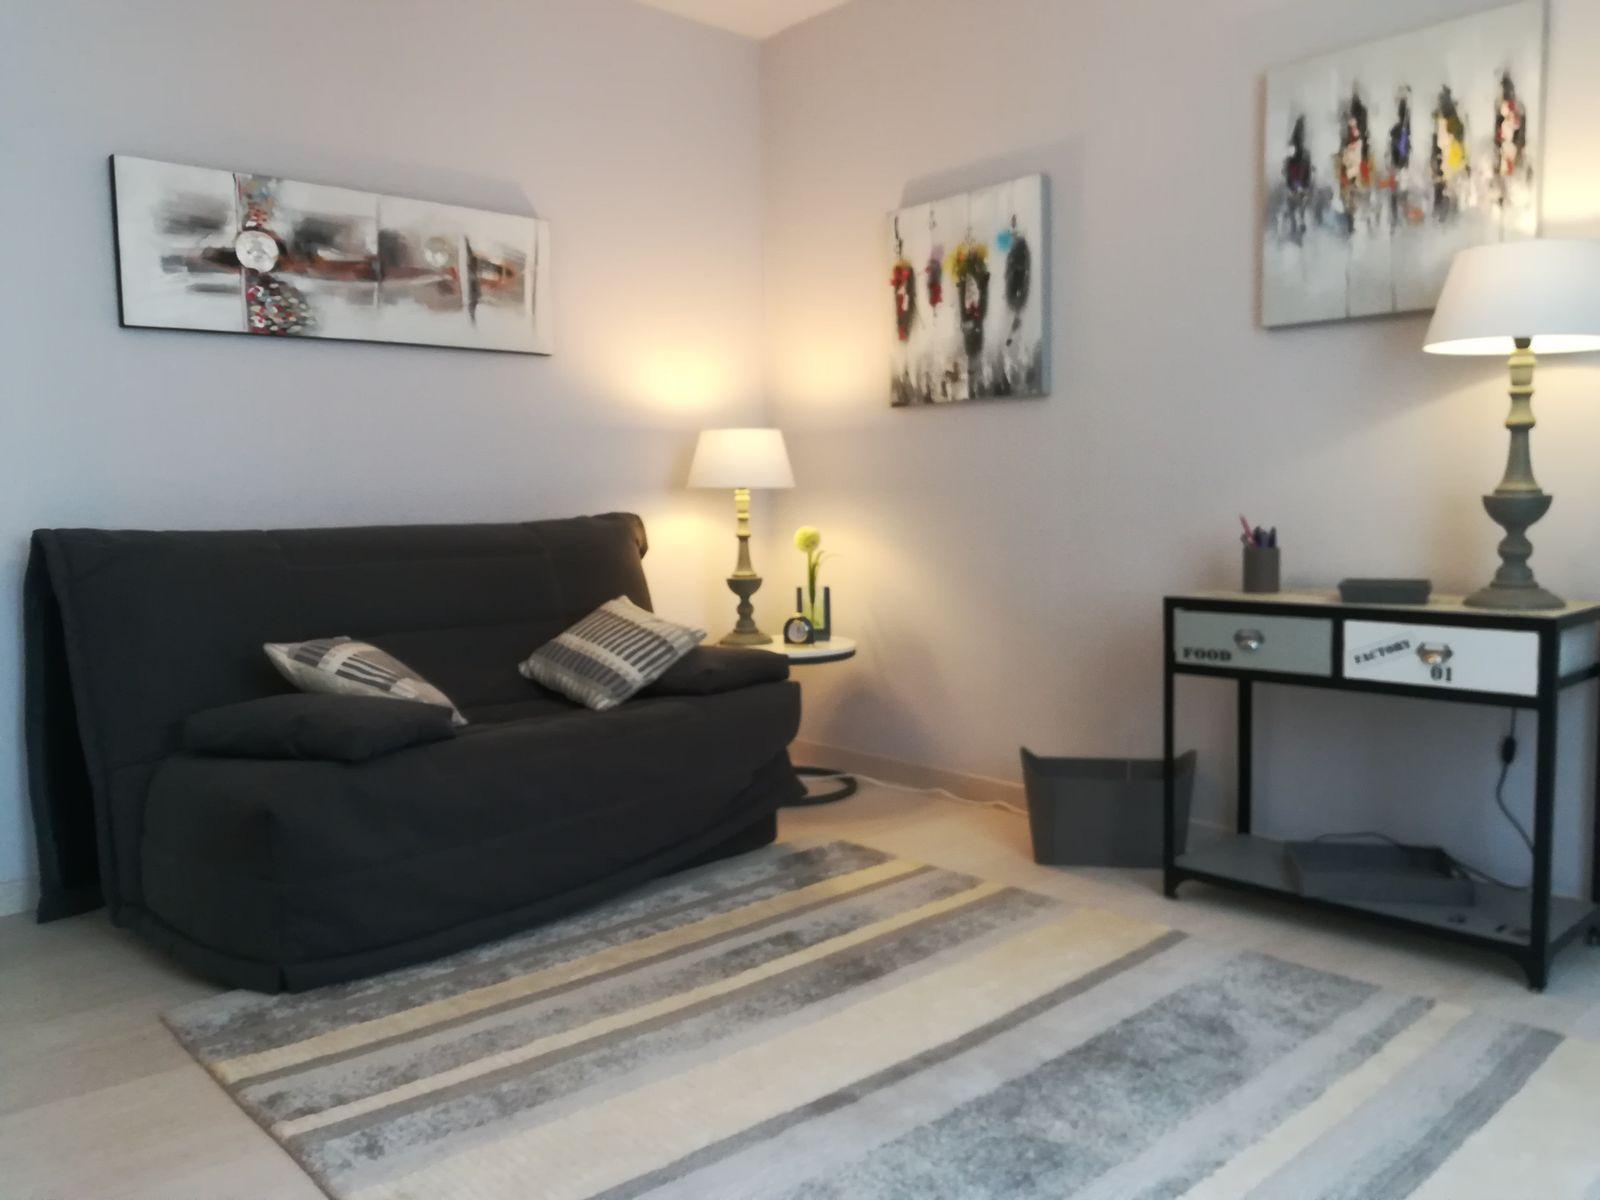 2ème couchage chambre bis avec BZ:.Préciser s'il sera utilisé lors de votre séjour